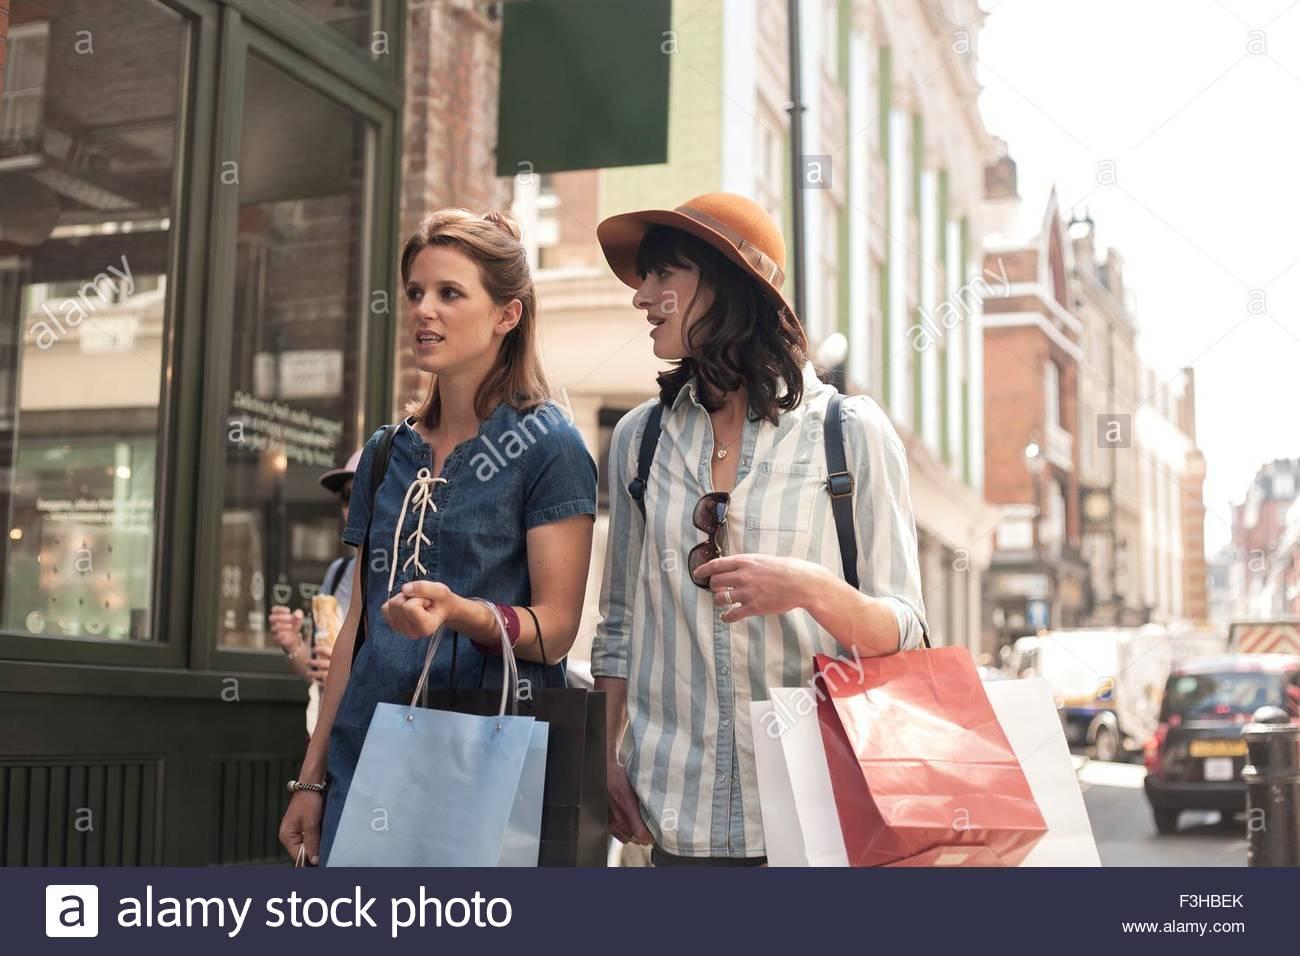 Deux shopping à la fenêtre au shop Photo Stock